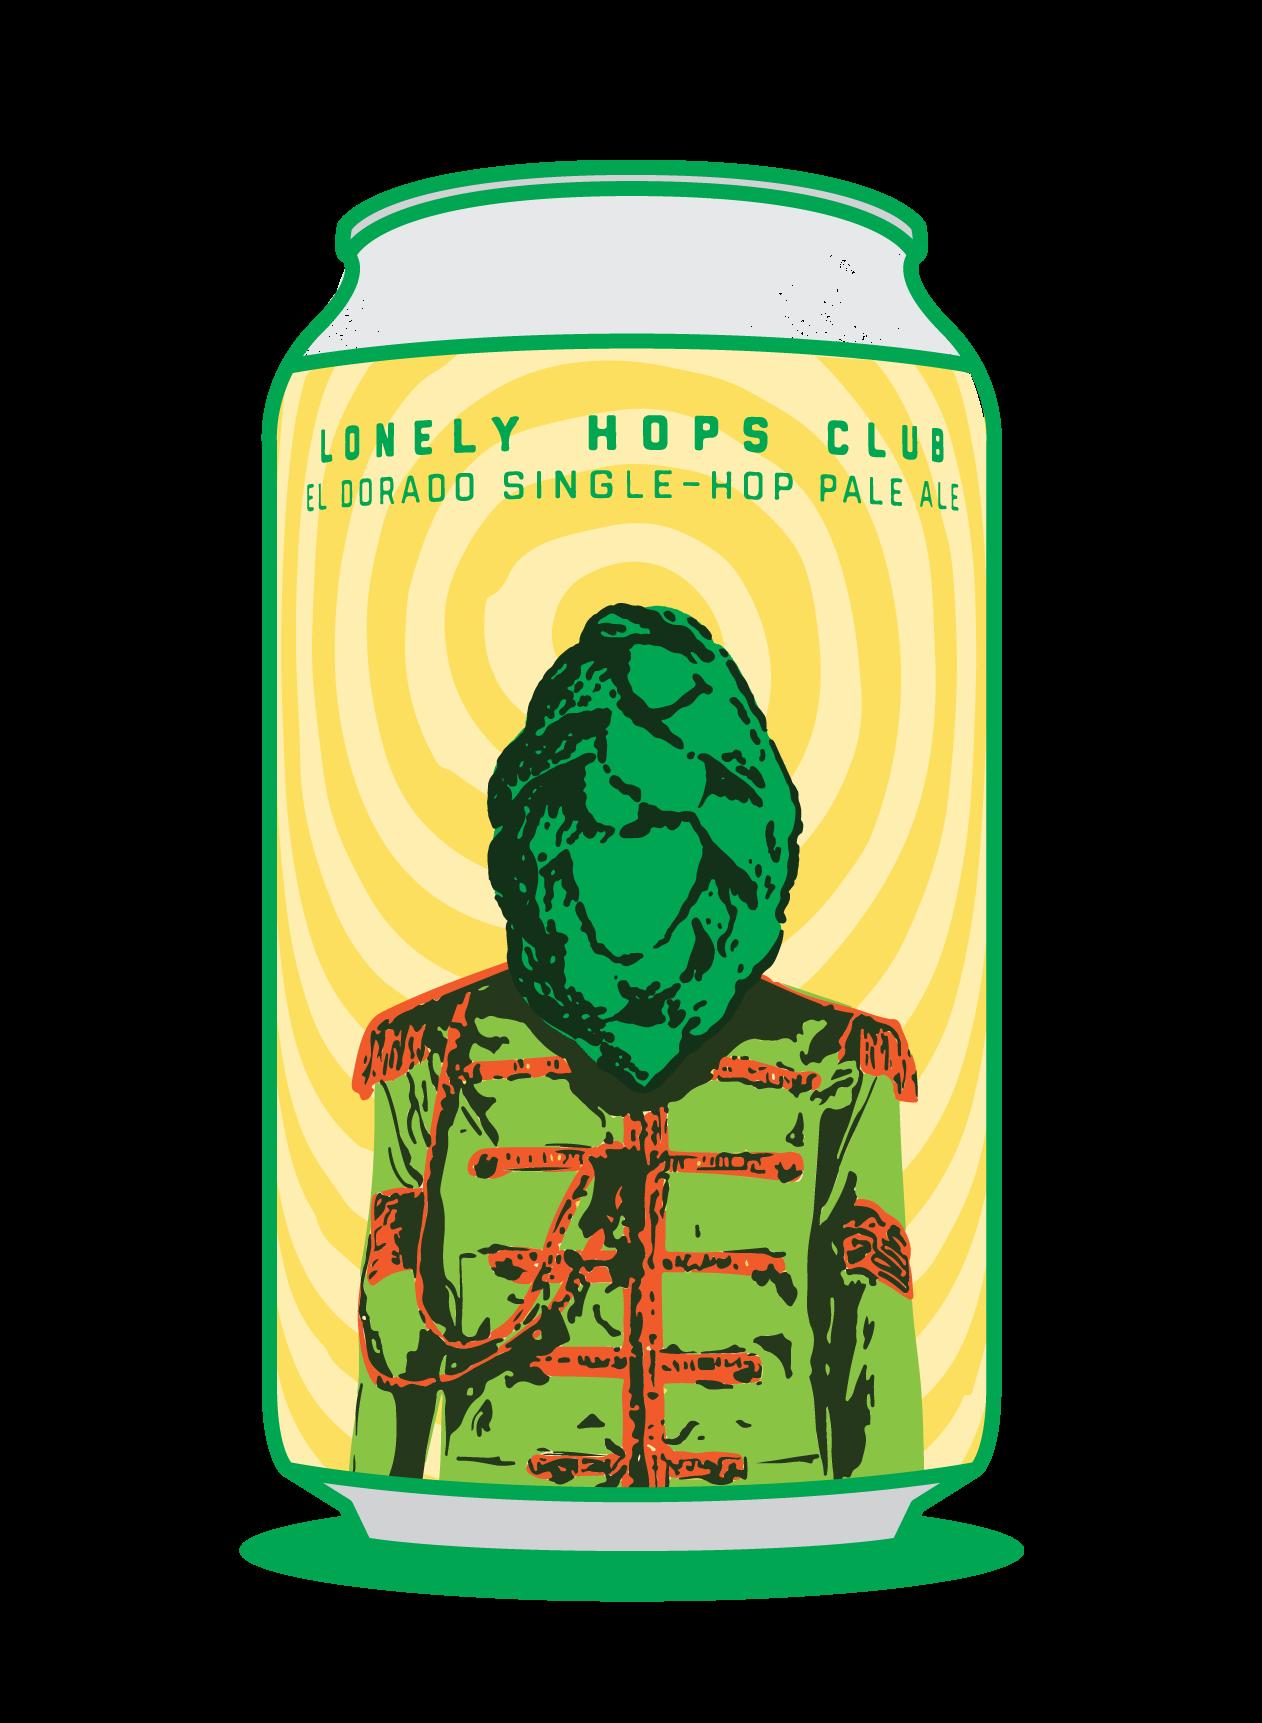 Lonely Hops Club - El Dorado Image